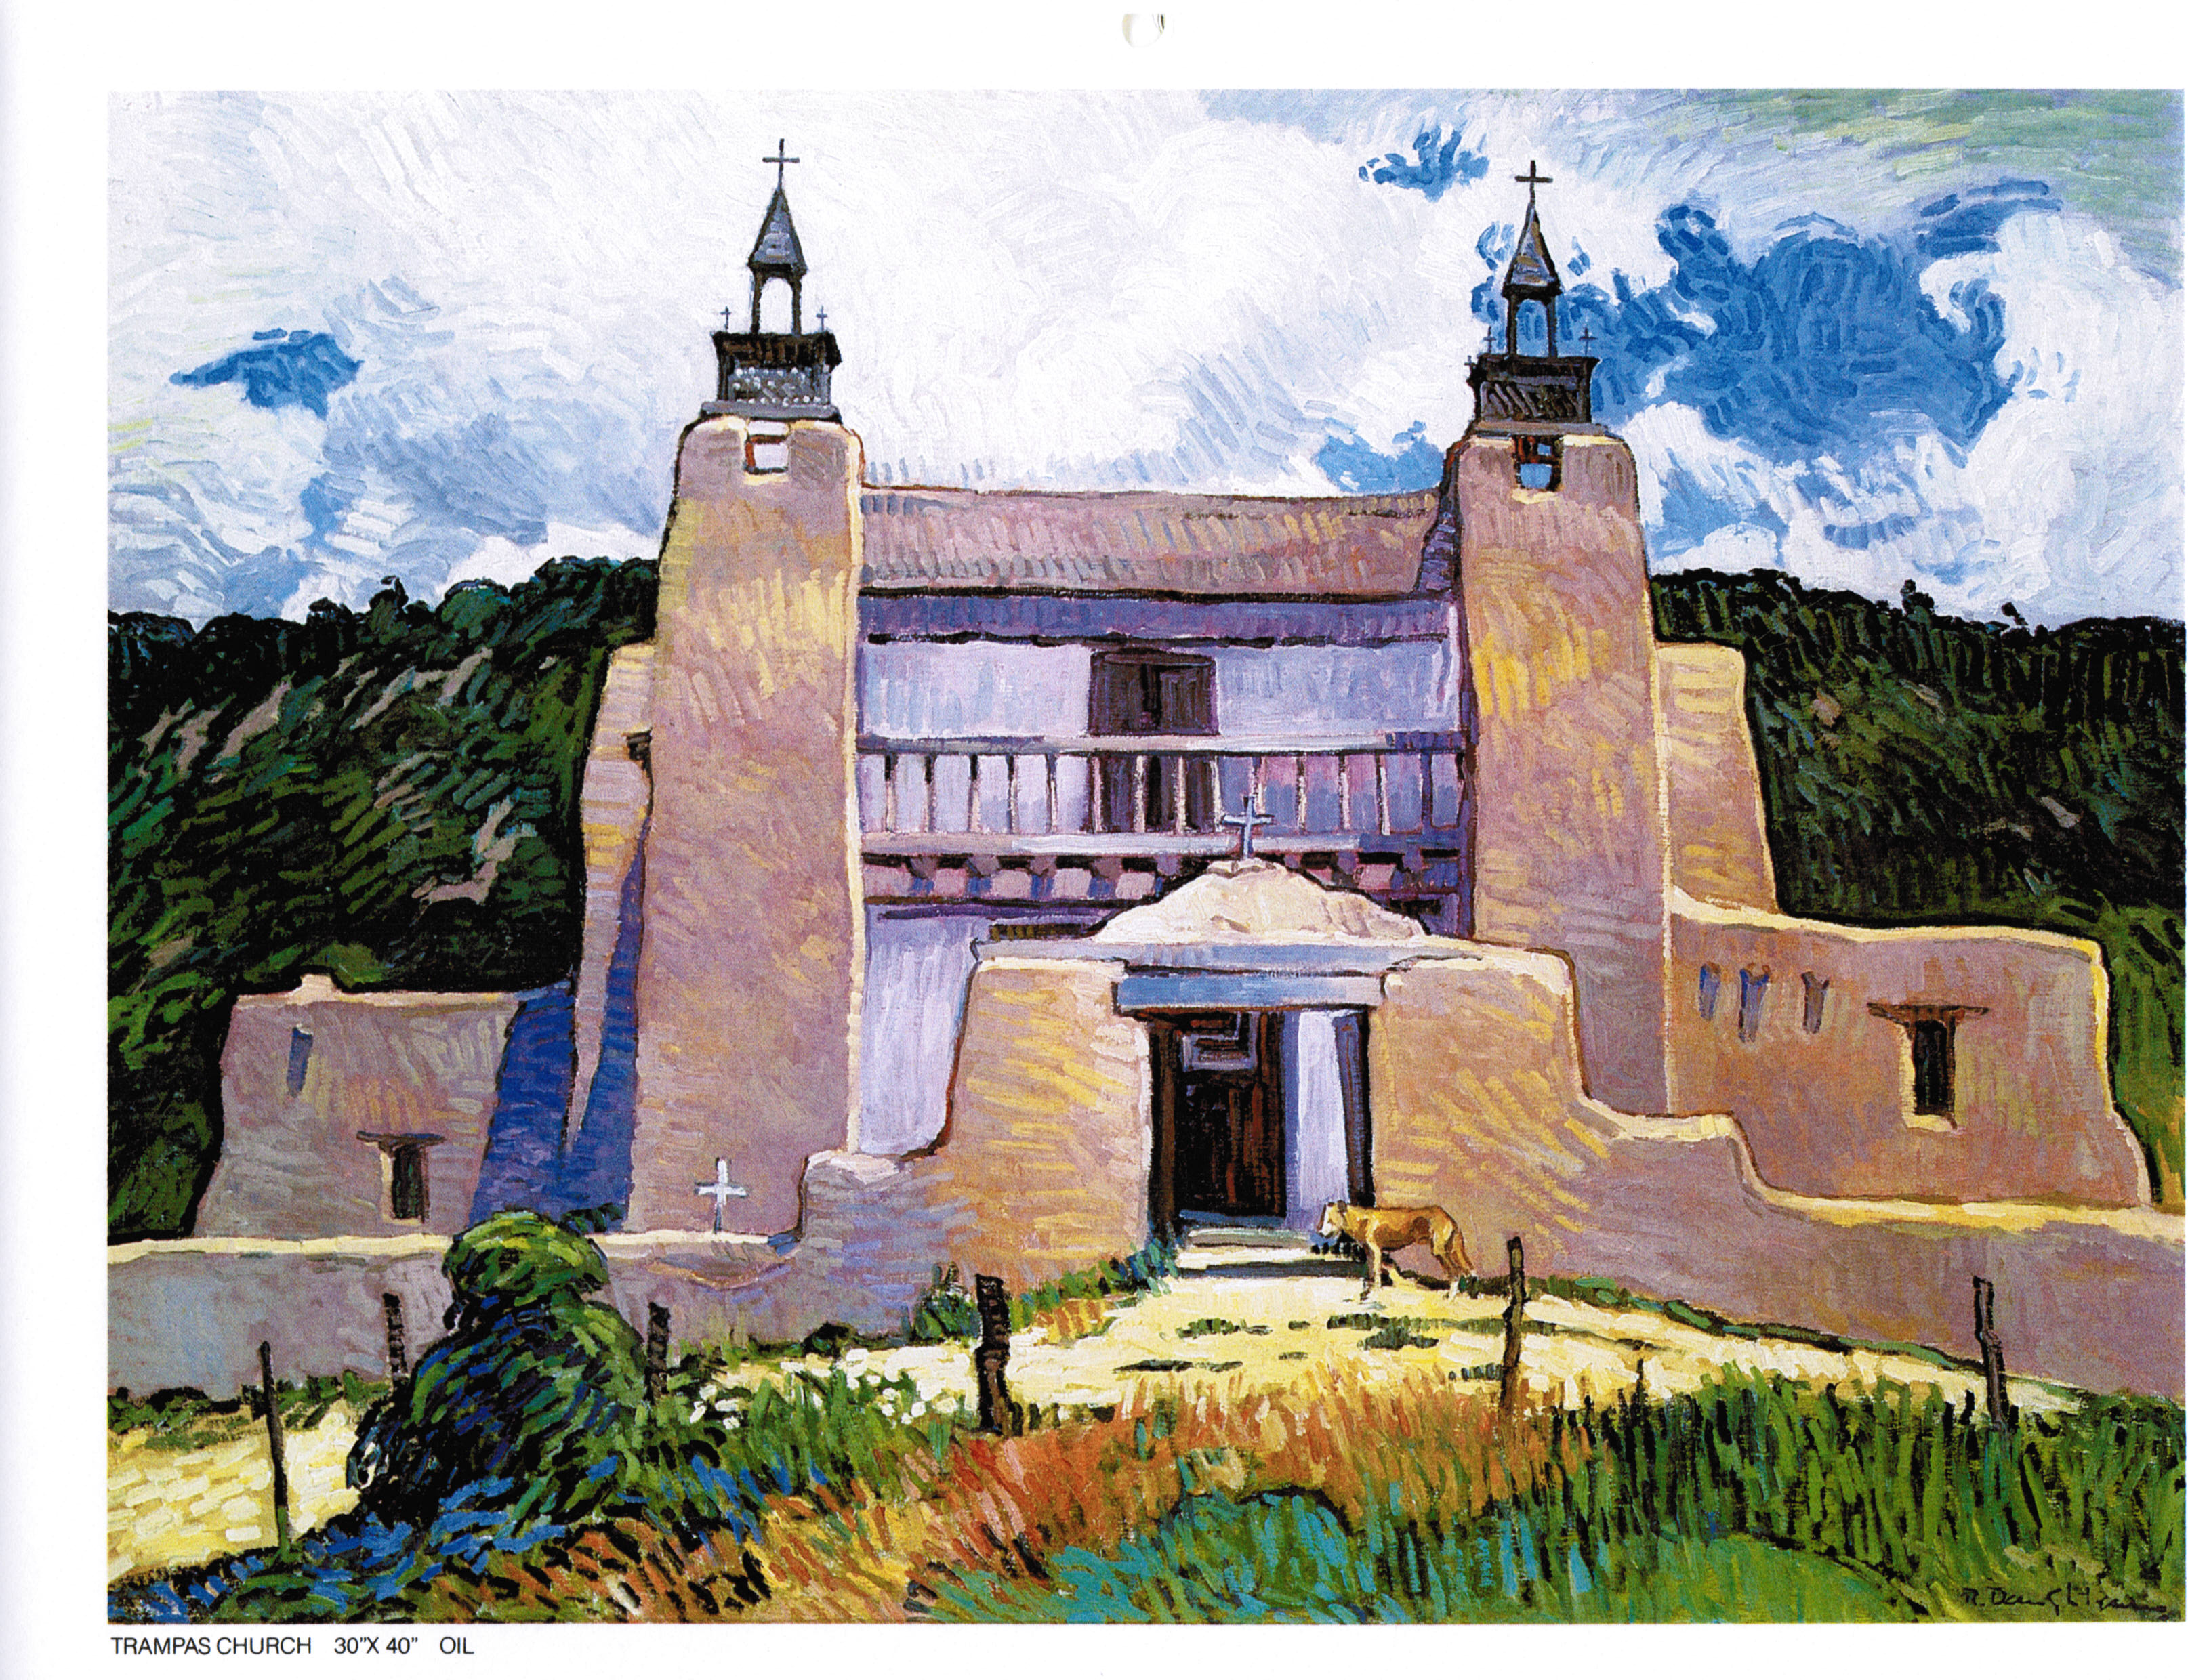 RD 1984 Calendar Aug Trampas Church 30x40.jpg